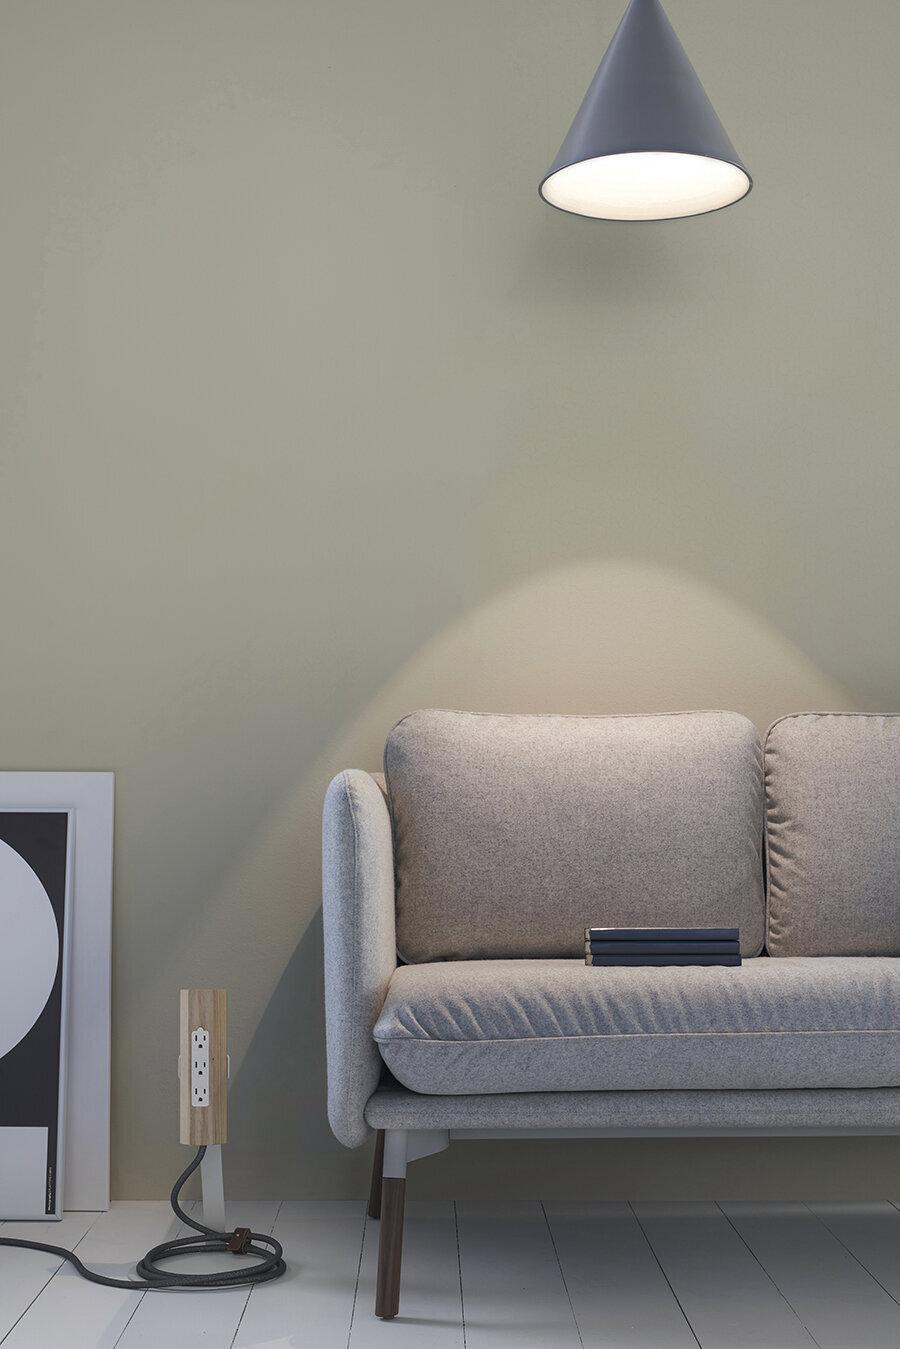 Alçak tasarım kanepe ve ayaklı priz                                      Bekleme salonlarında tercih edilebilecek konforlu ve kullanışlı sade ve şık koltuk.